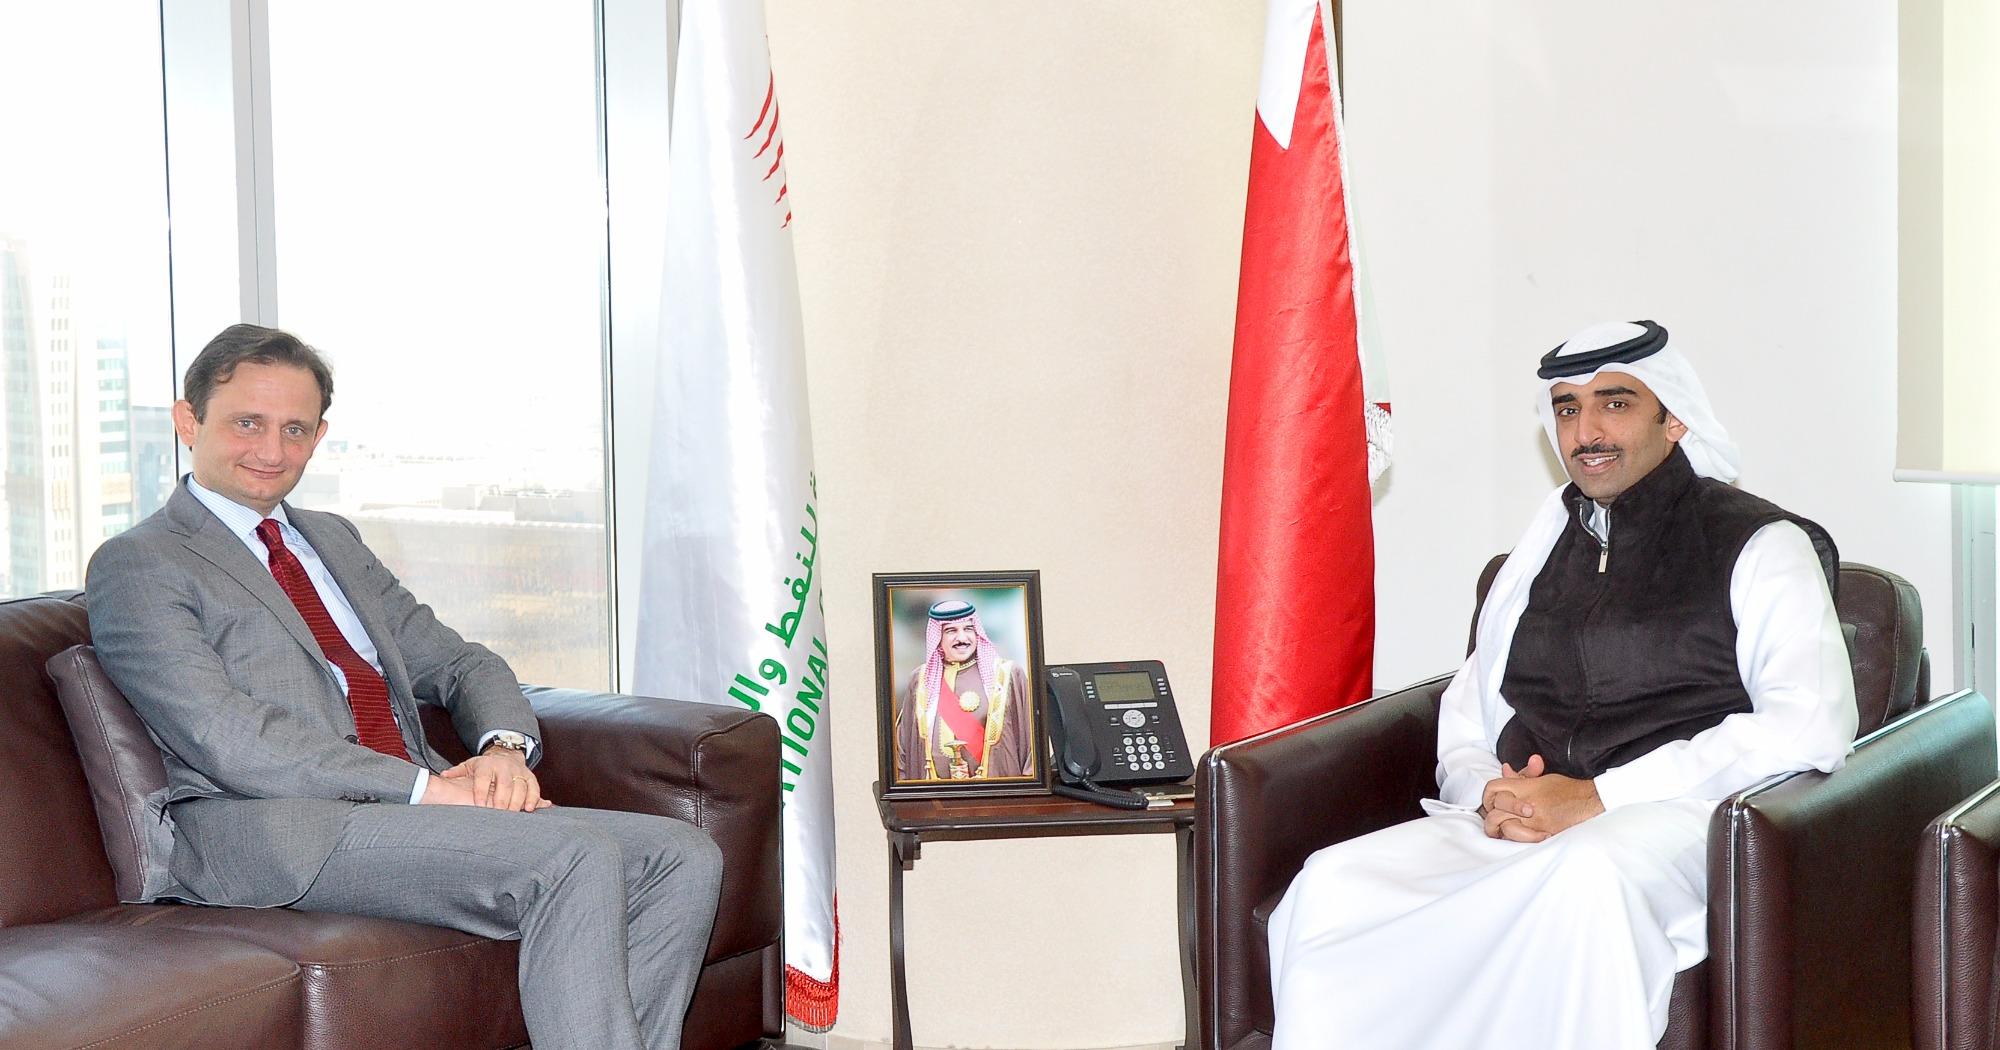 L'ambasciatore italiano a Manama Domenico Bellato con il Ministro del Petrolio Mohammed bin Khalifa bin Ahmed Al-Khalifa. Manama, gennaio 2017. Photo: Bahrain News Agency